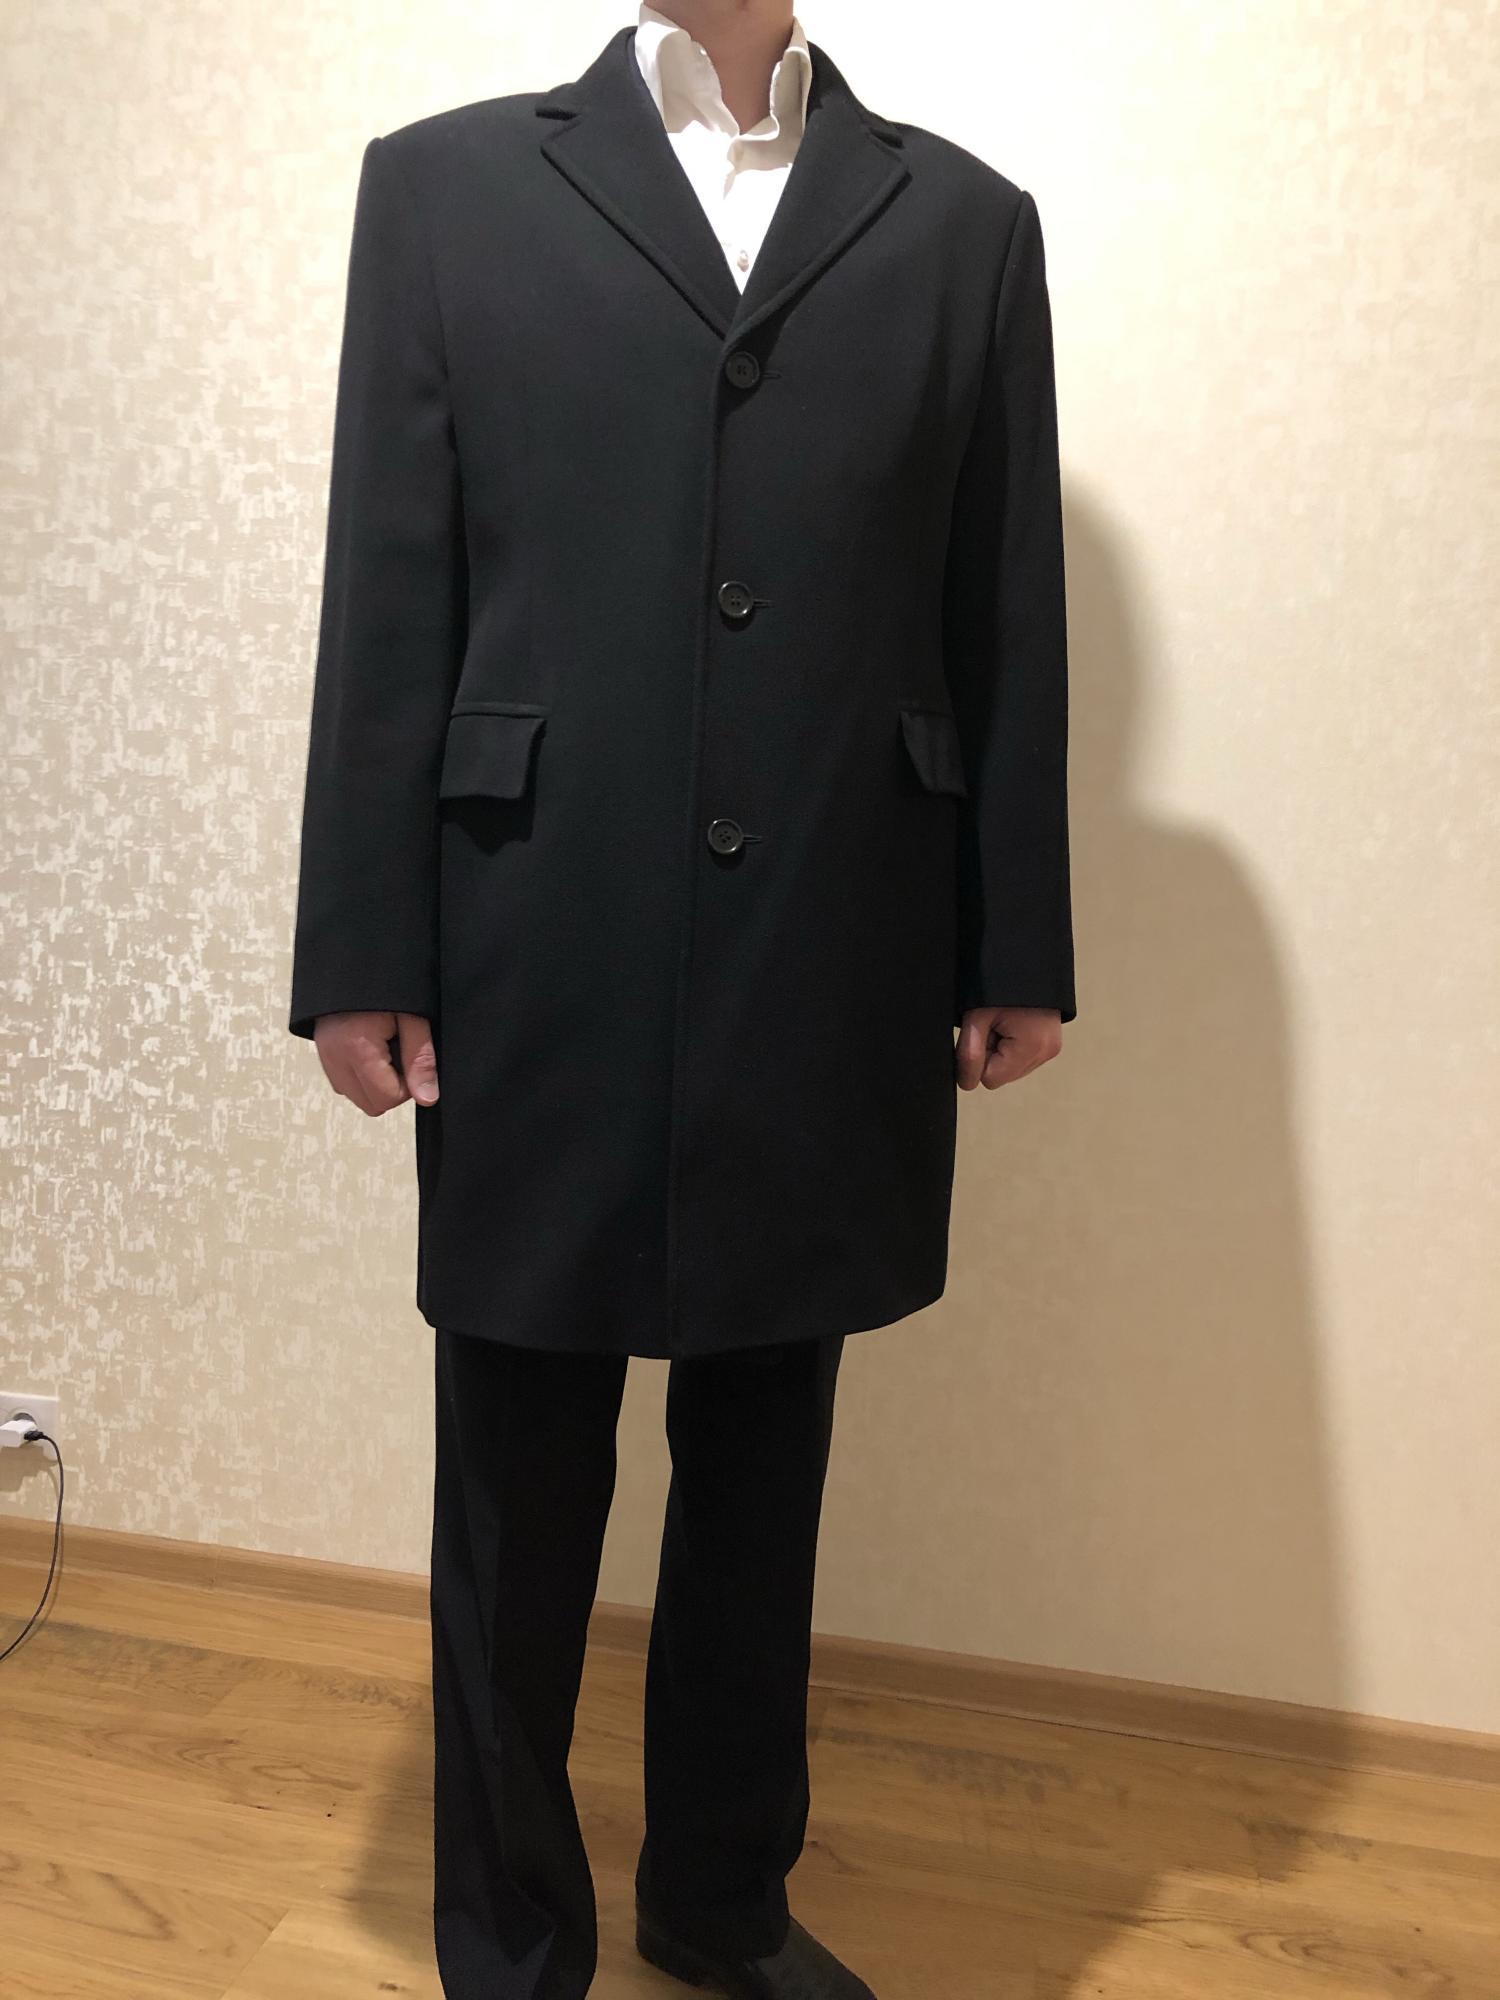 Пальто мужское в Москве 89857140775 купить 1